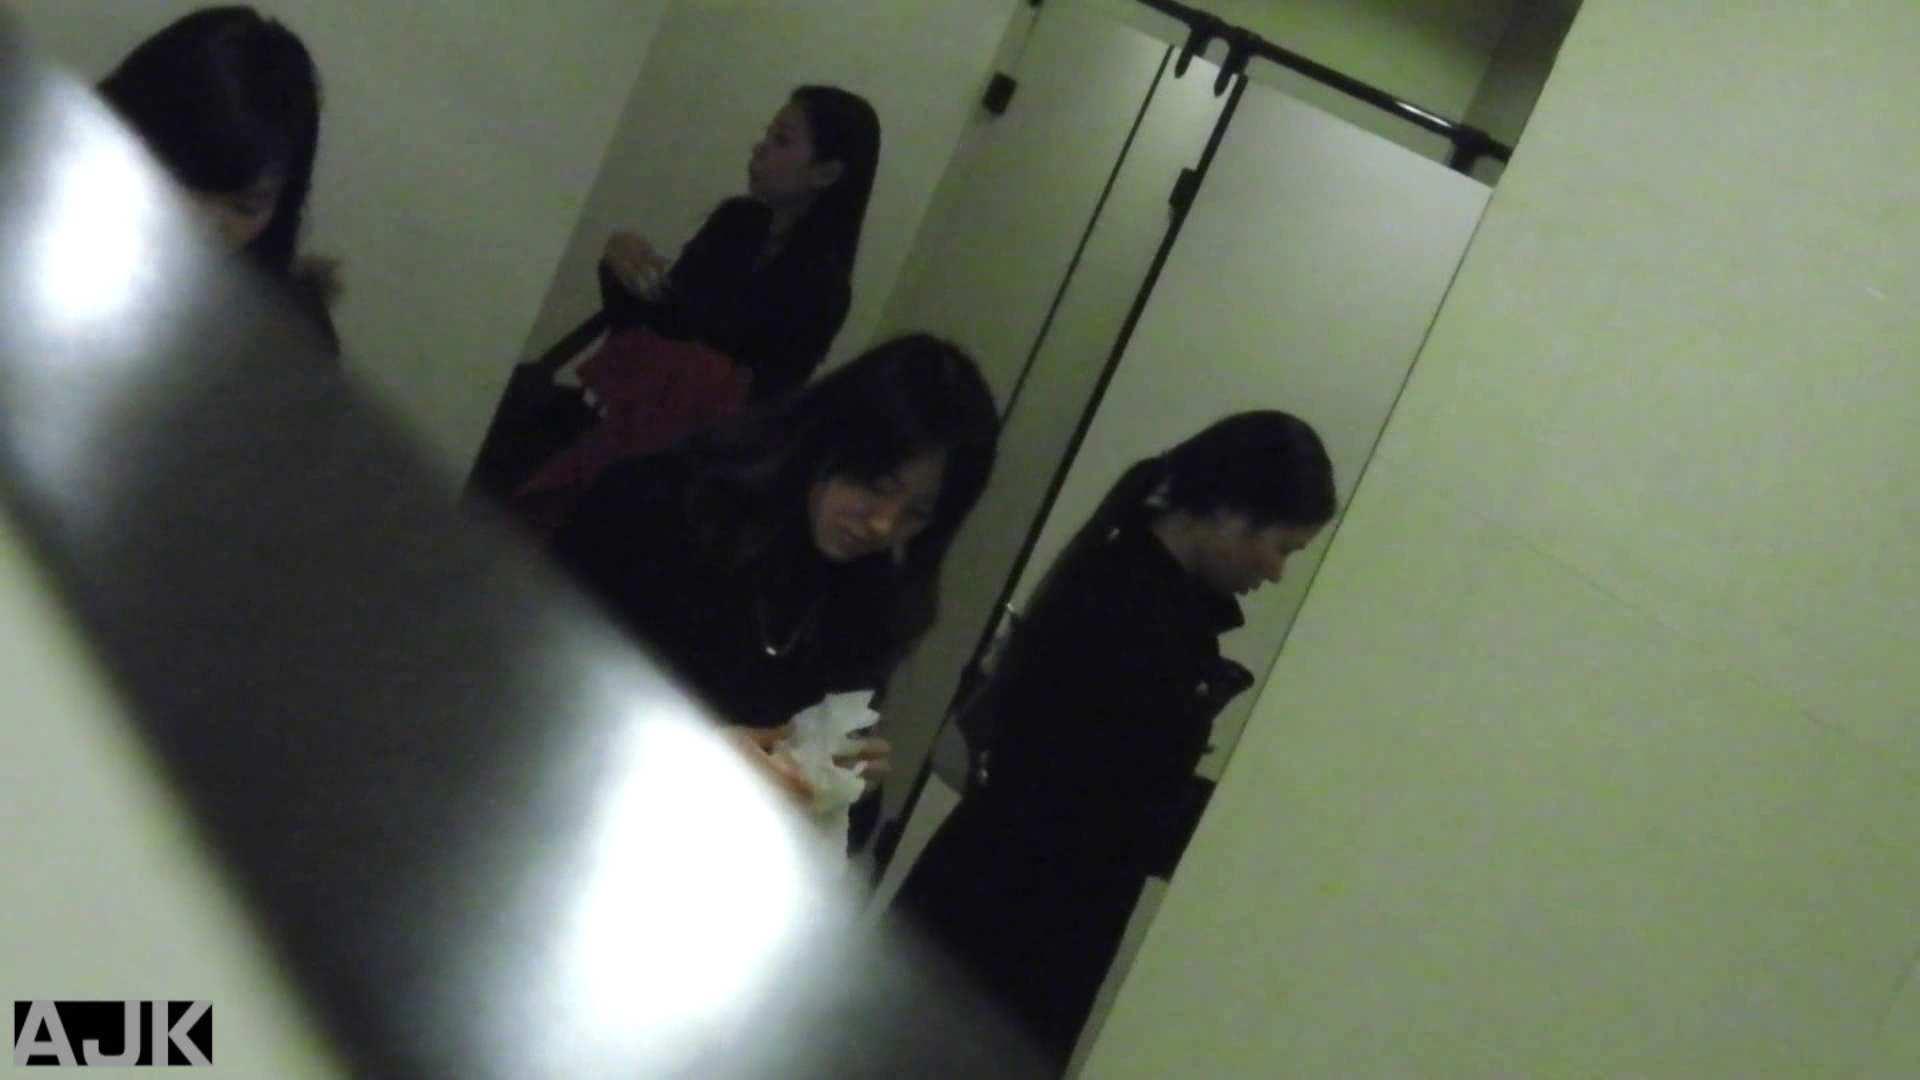 隣国上階級エリアの令嬢たちが集うデパートお手洗い Vol.20 お手洗い | 色っぽいOL達  89pic 53